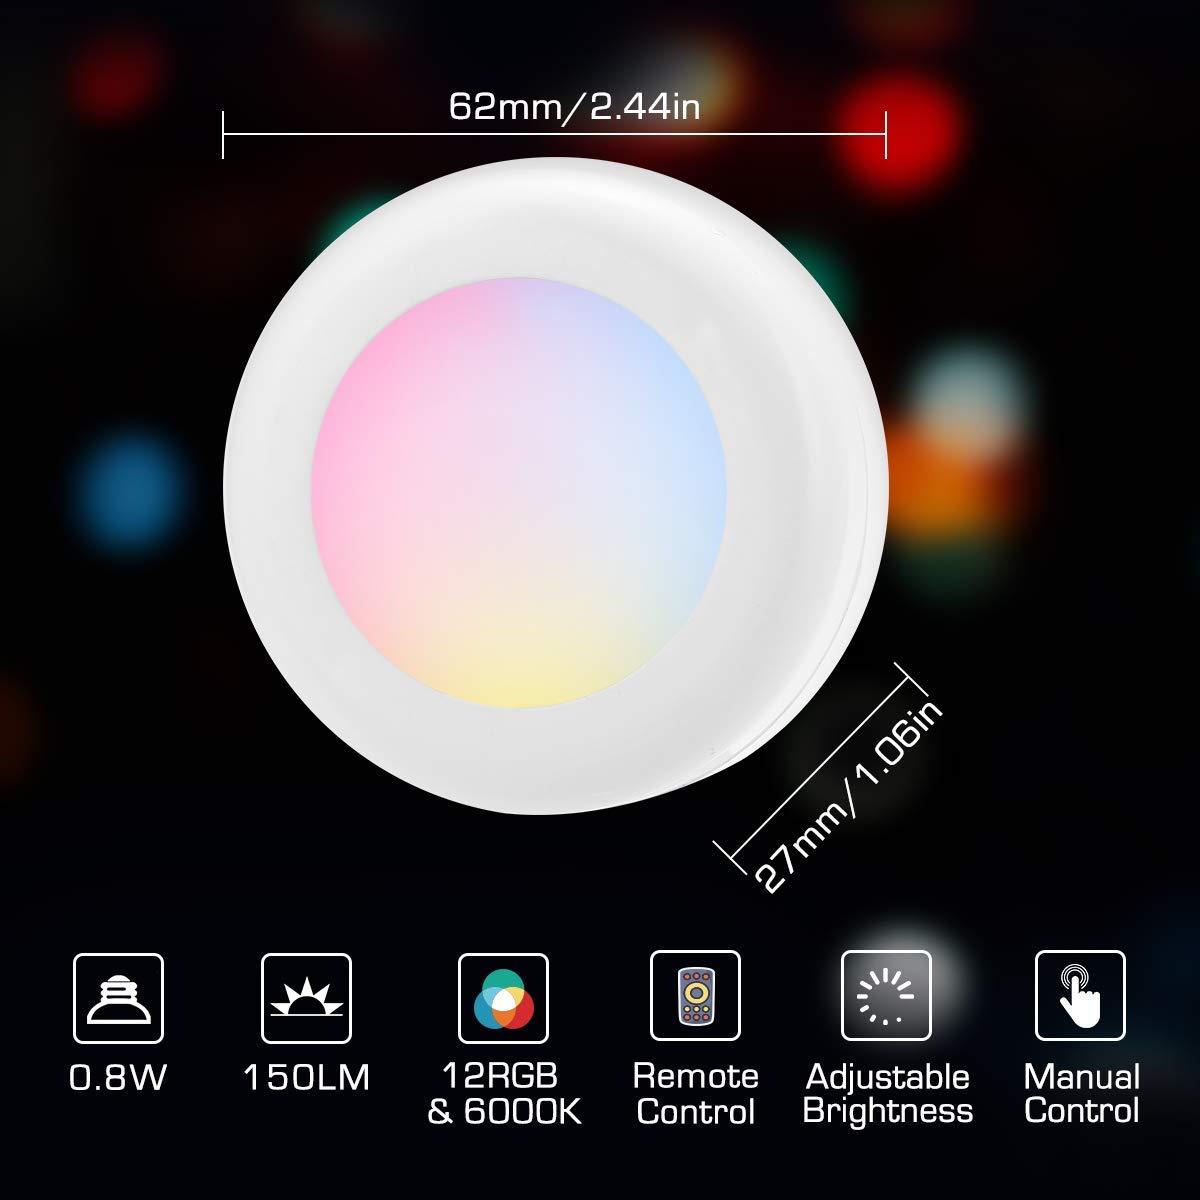 Lampe Placard Lot de 6 Veilleuse LED RGB avec 13 Couleurs et 4 modes Lampes de Nuit sans Fil Dimmable Lumi/ère Armoire avec Contr/ôle Tactile et T/él/écommande Aliment/é par Batterie